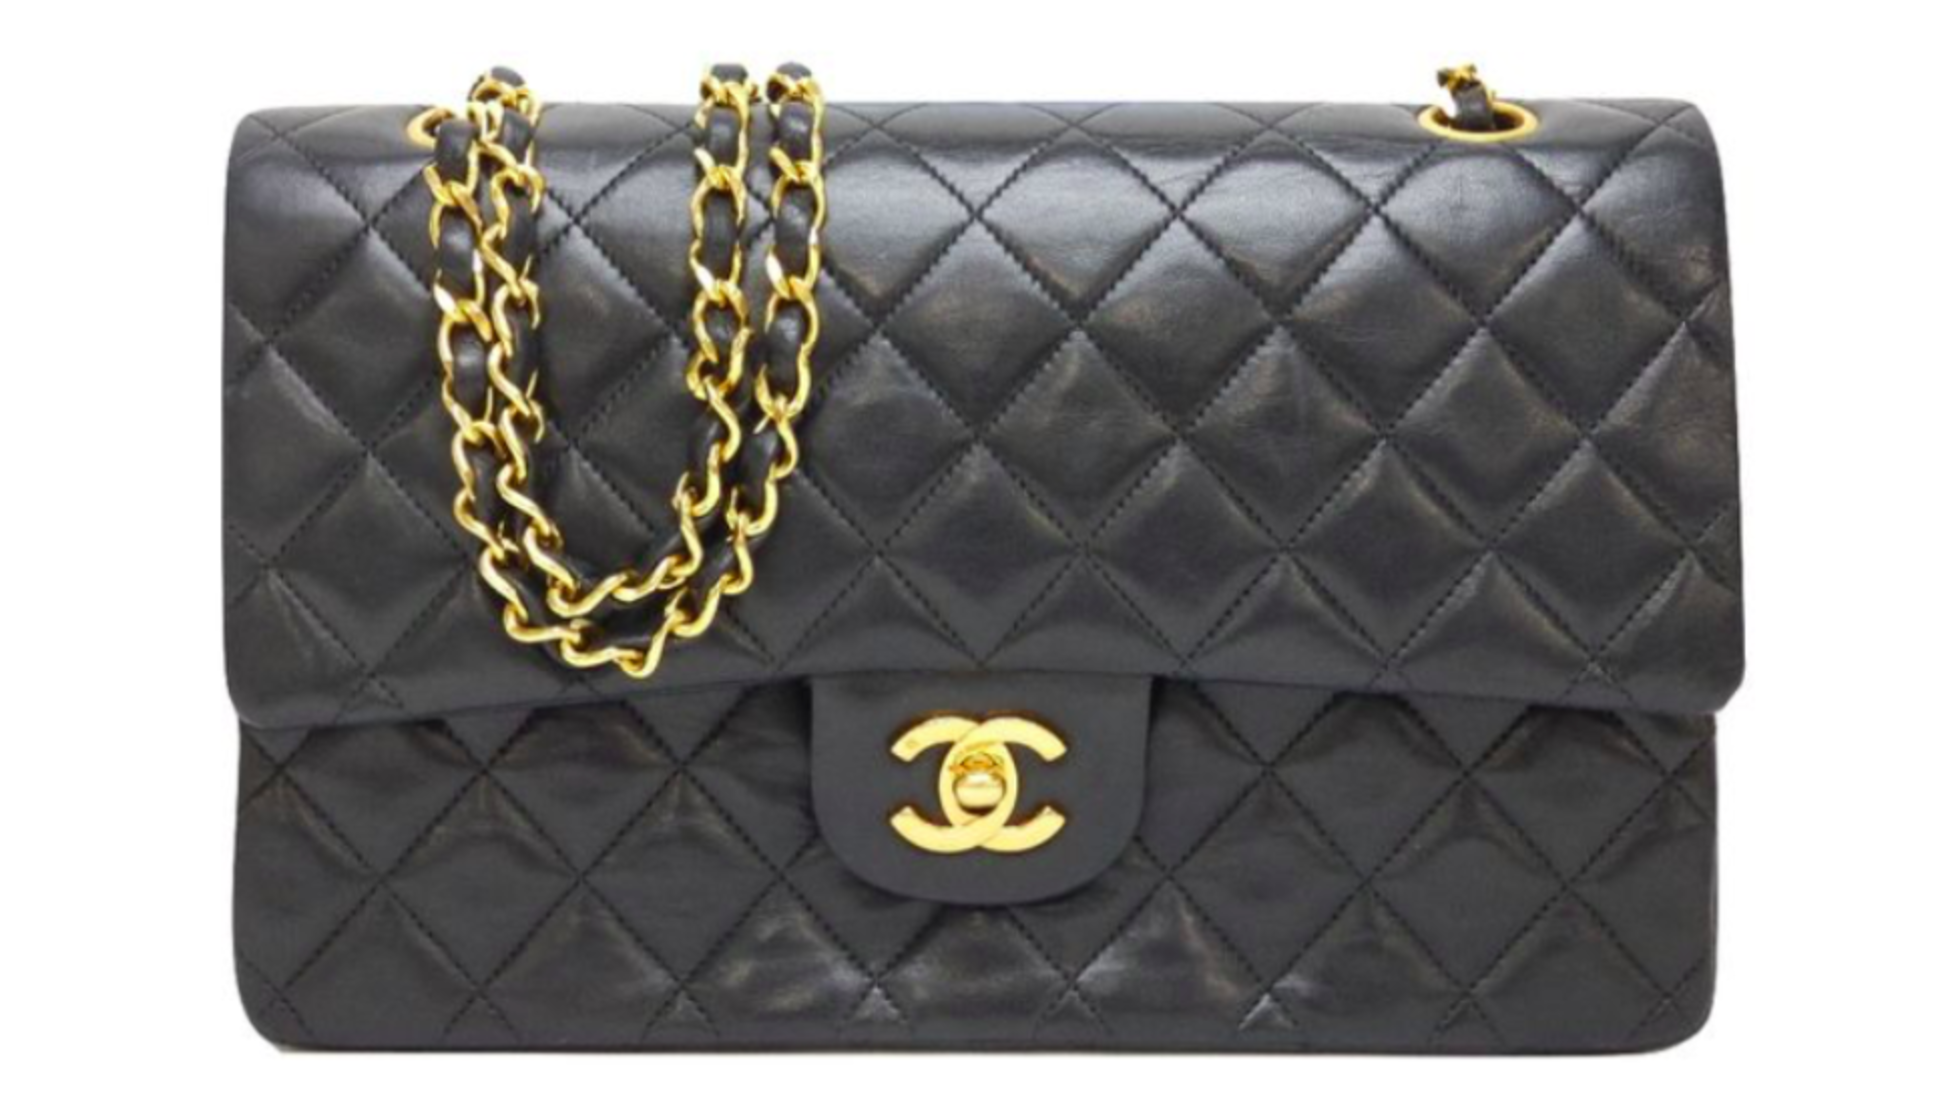 Le sac à rabat classique et intemporel de Chanel 2.55 - vendu pour 1 850 €  sur Catawiki 903b15c3384